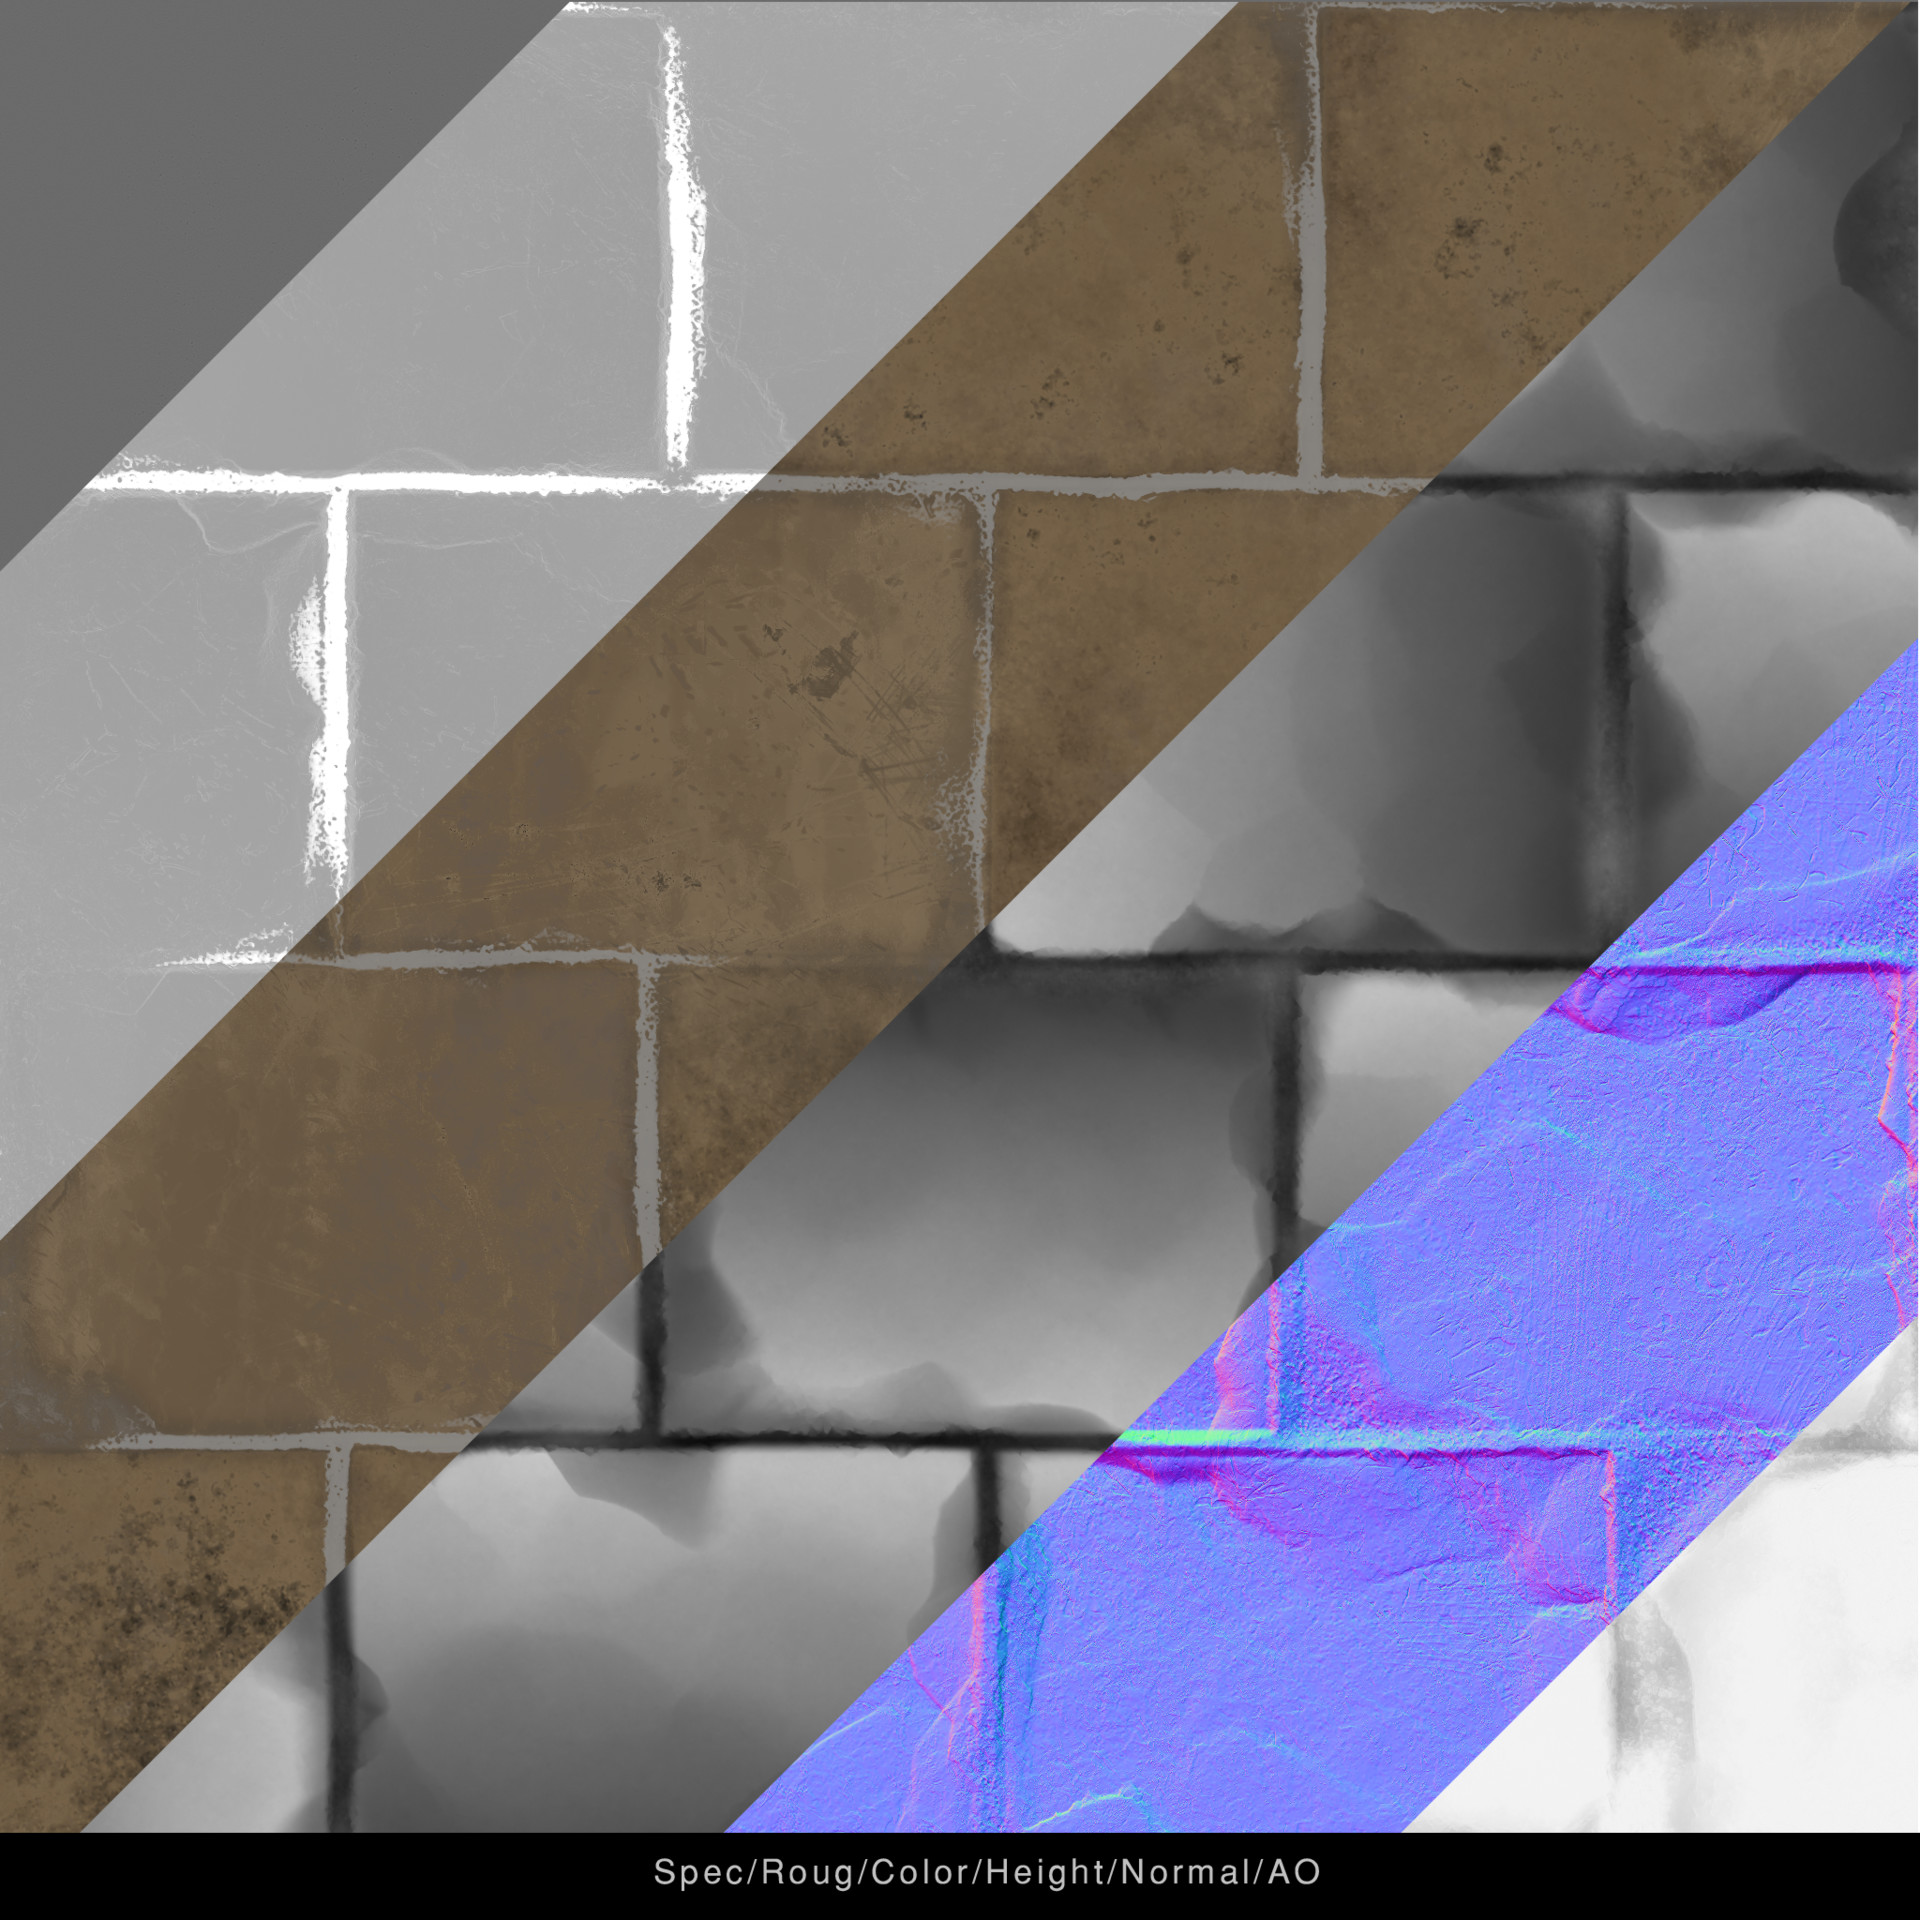 Jonas holmedal breakdown texture clean ancient brick